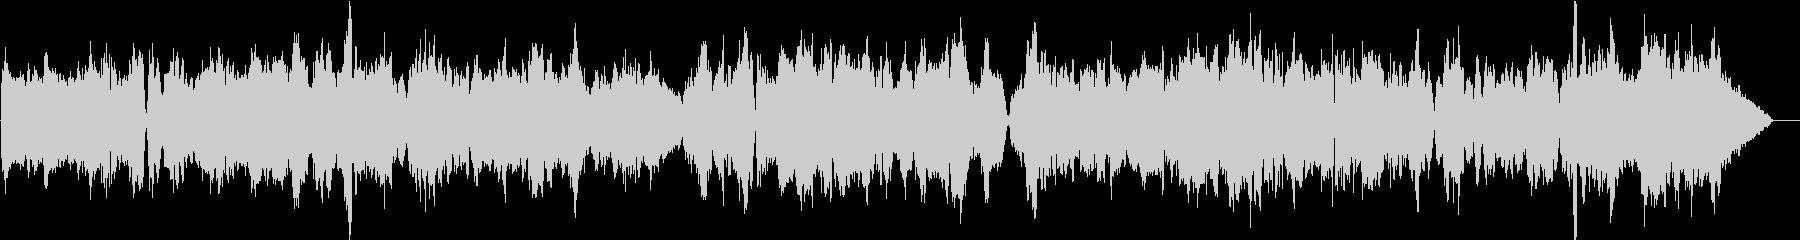 教会に響き渡るバイオリン独奏曲7の未再生の波形